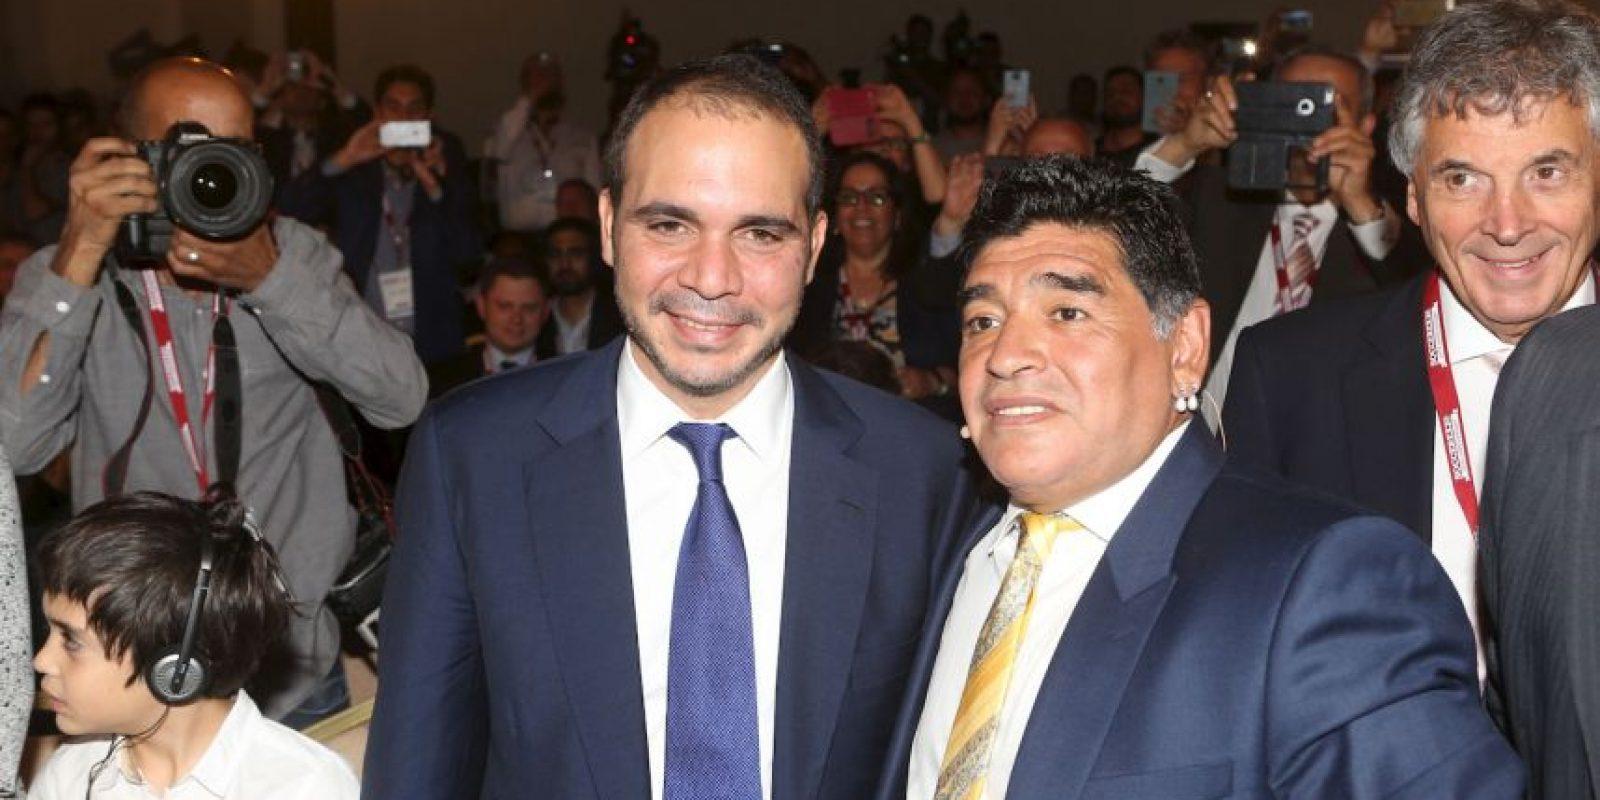 Actualmente, Maradona se prepara para lanzar su propia candidatura a la presidencia de la FIFA en las elecciones que tendrán lugar entre diciembre de 2015 y marzo de 2016. Foto:Getty Images